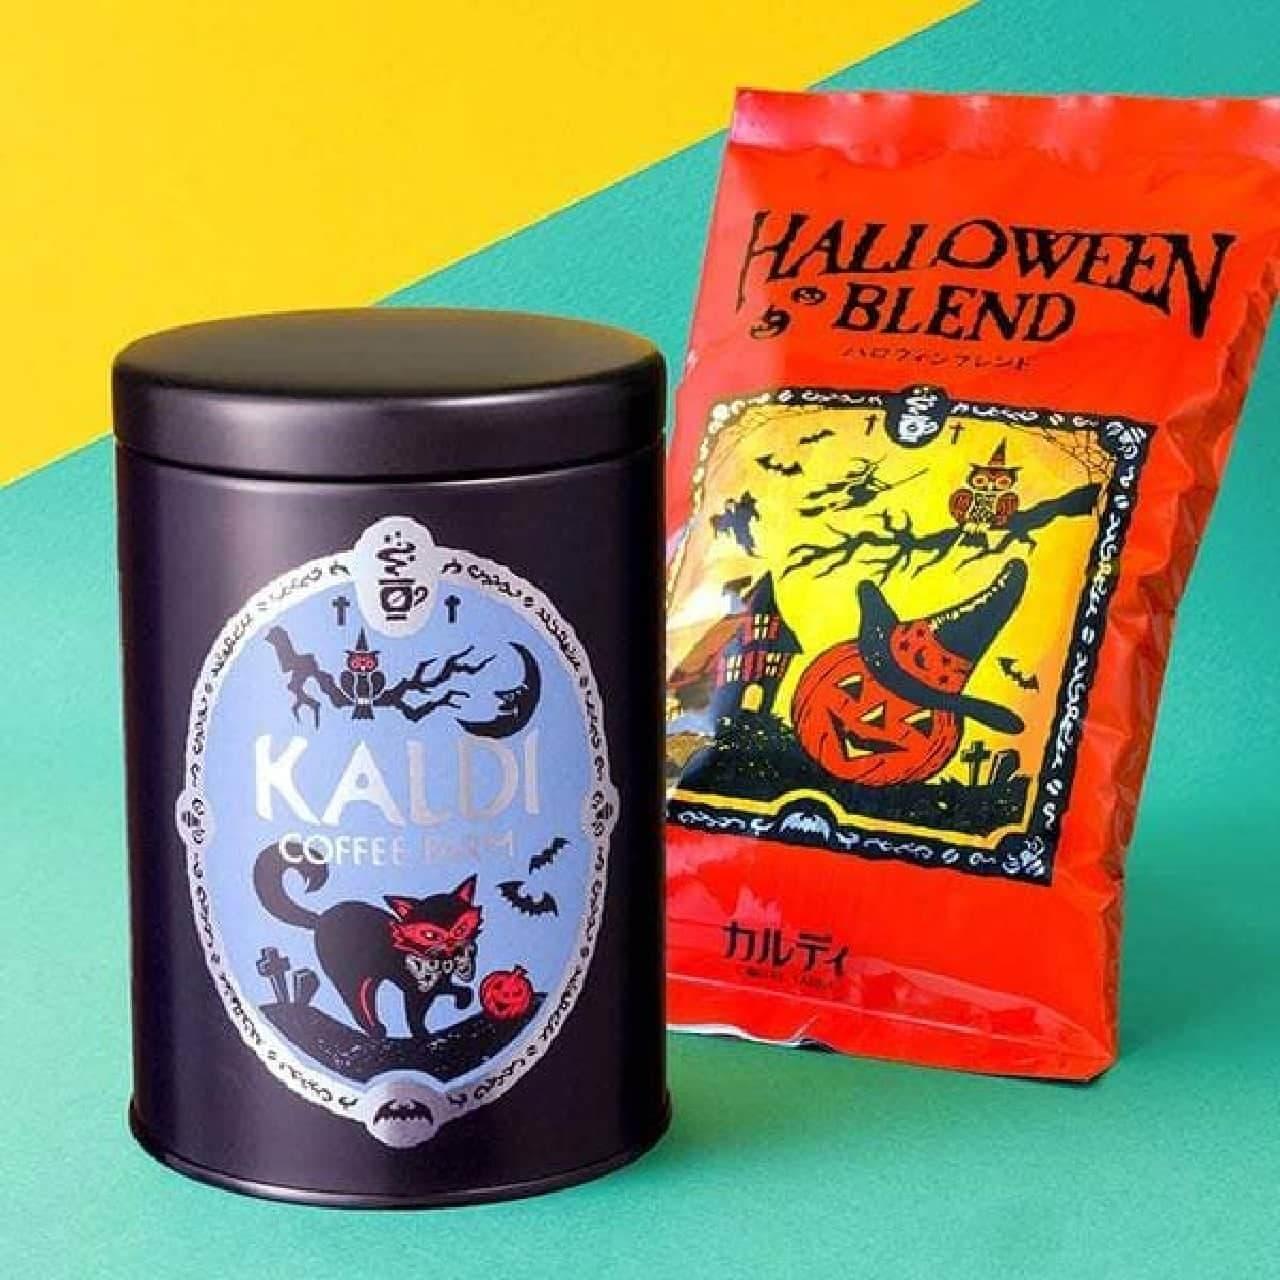 ハロウィンブレンド&キャニスター缶セット2021